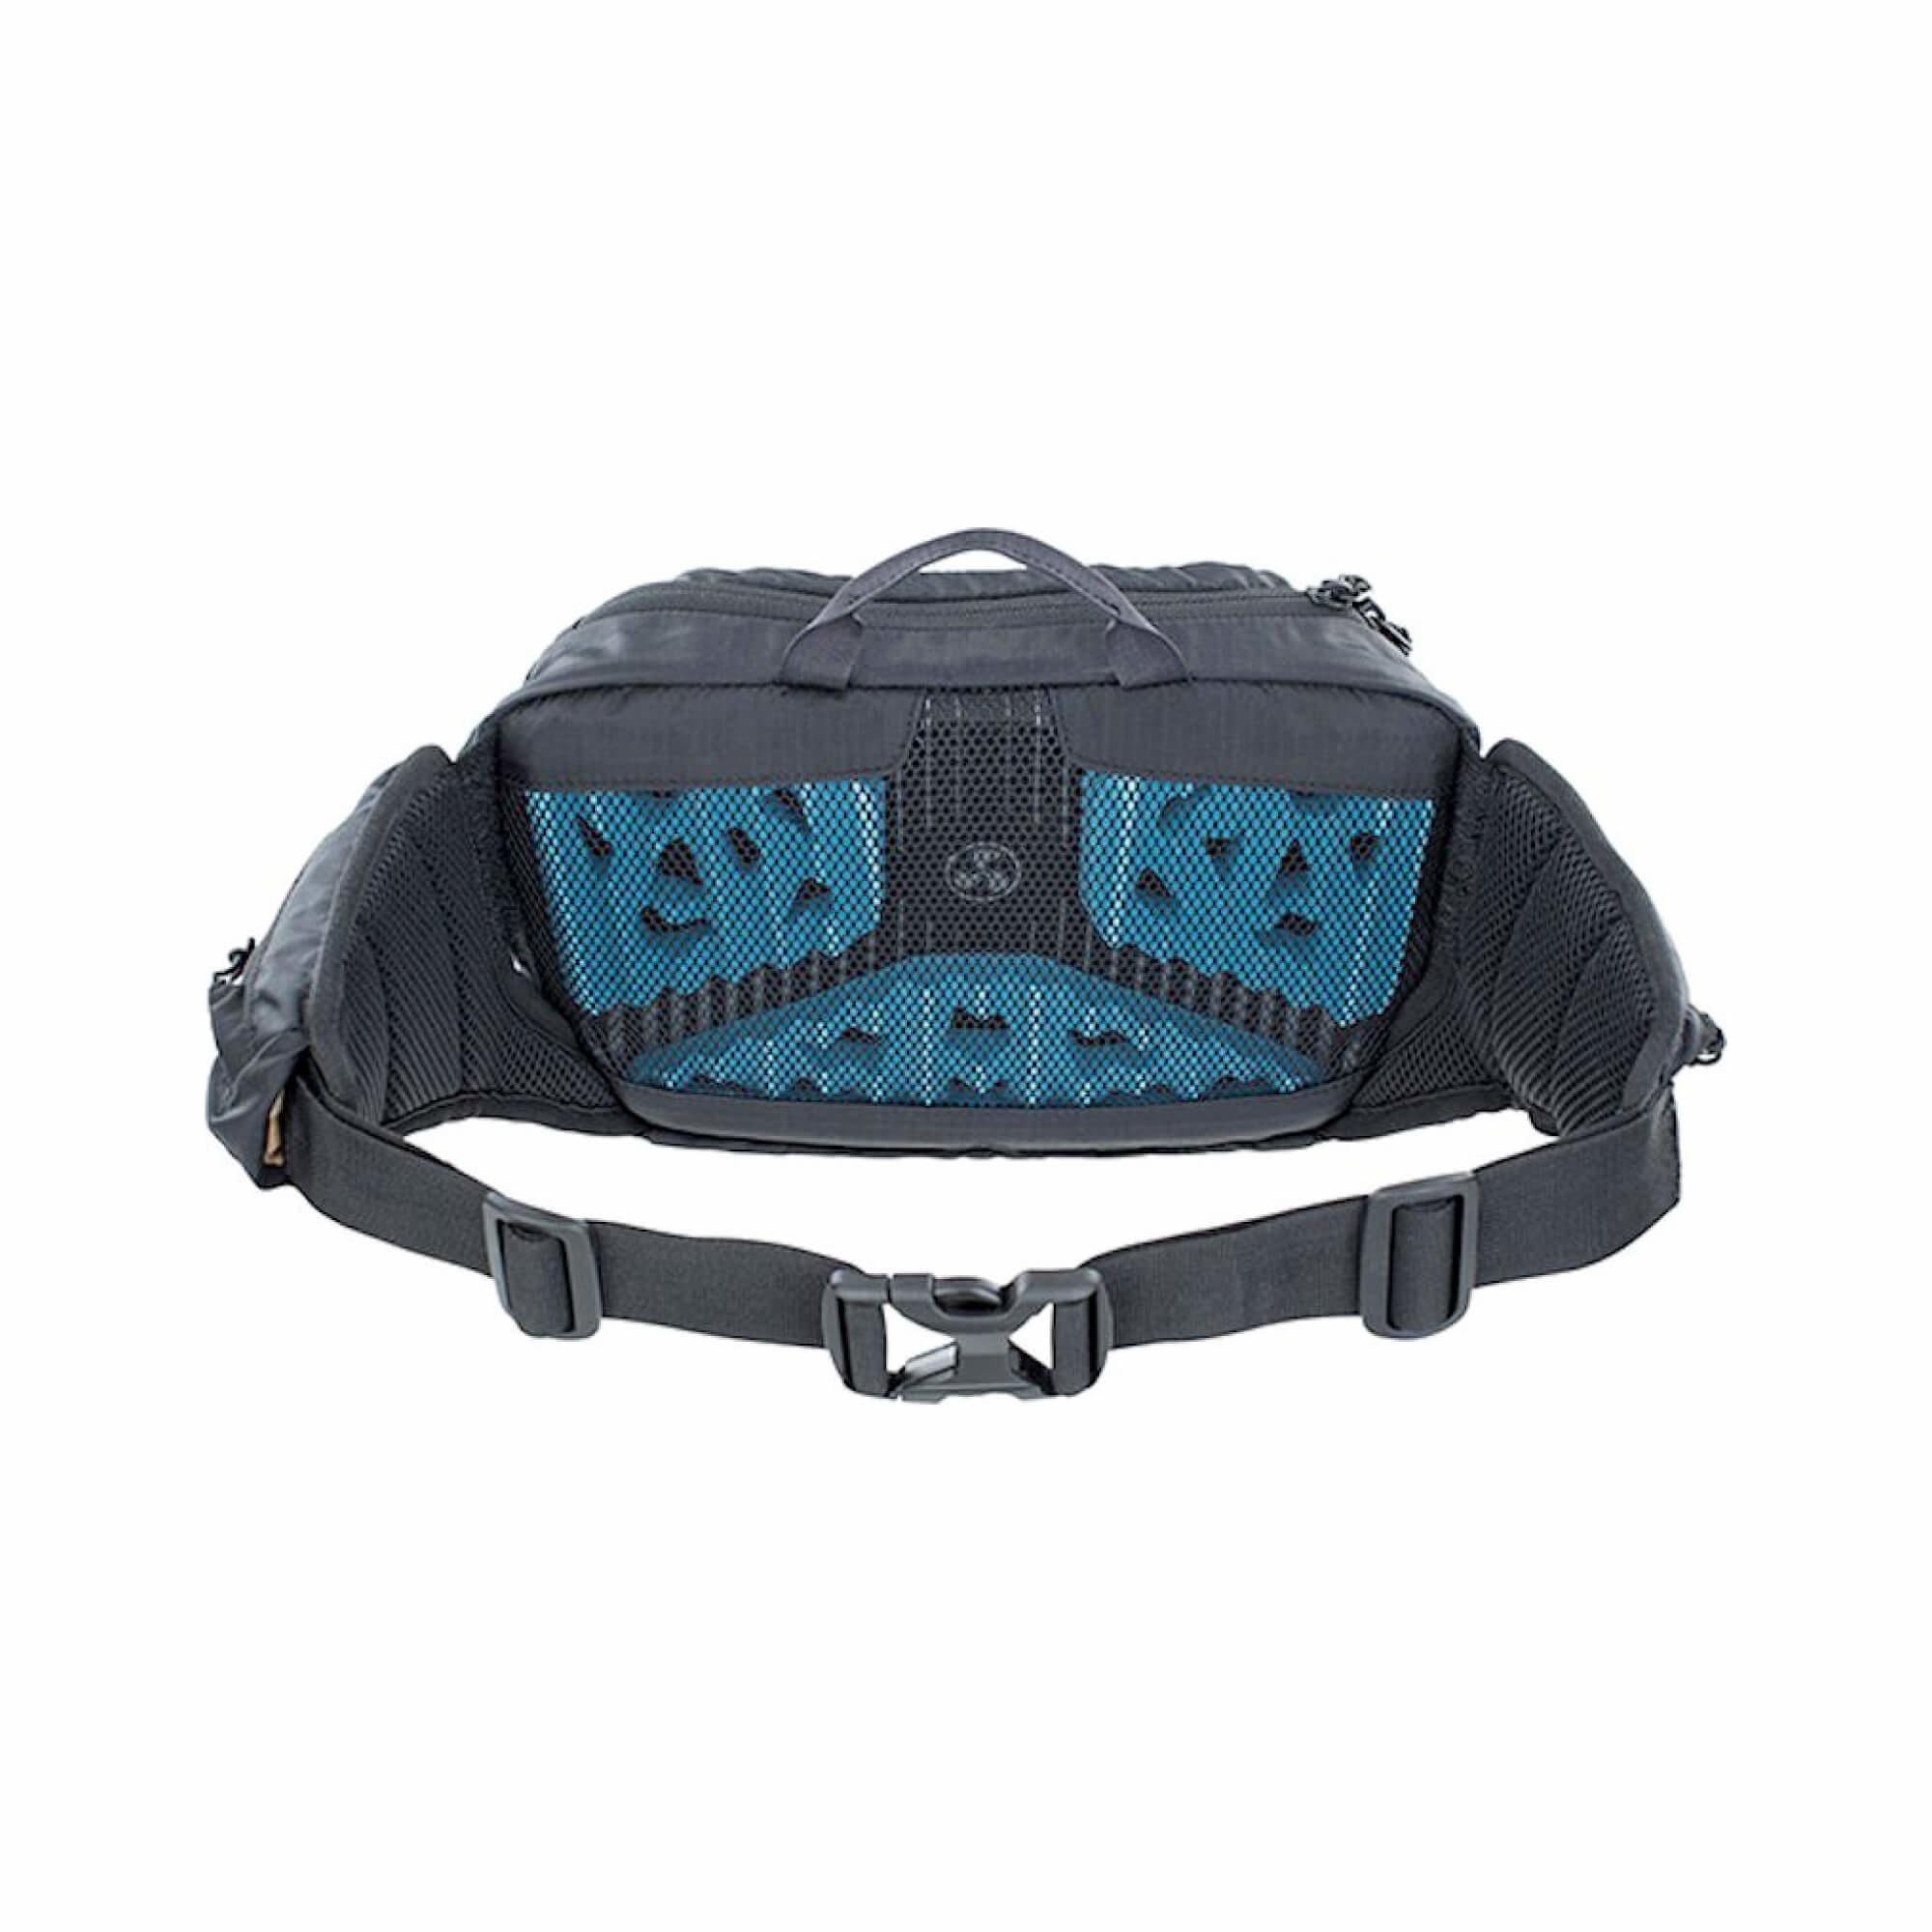 Hip Pack 3L + 1.5L Bladder-4